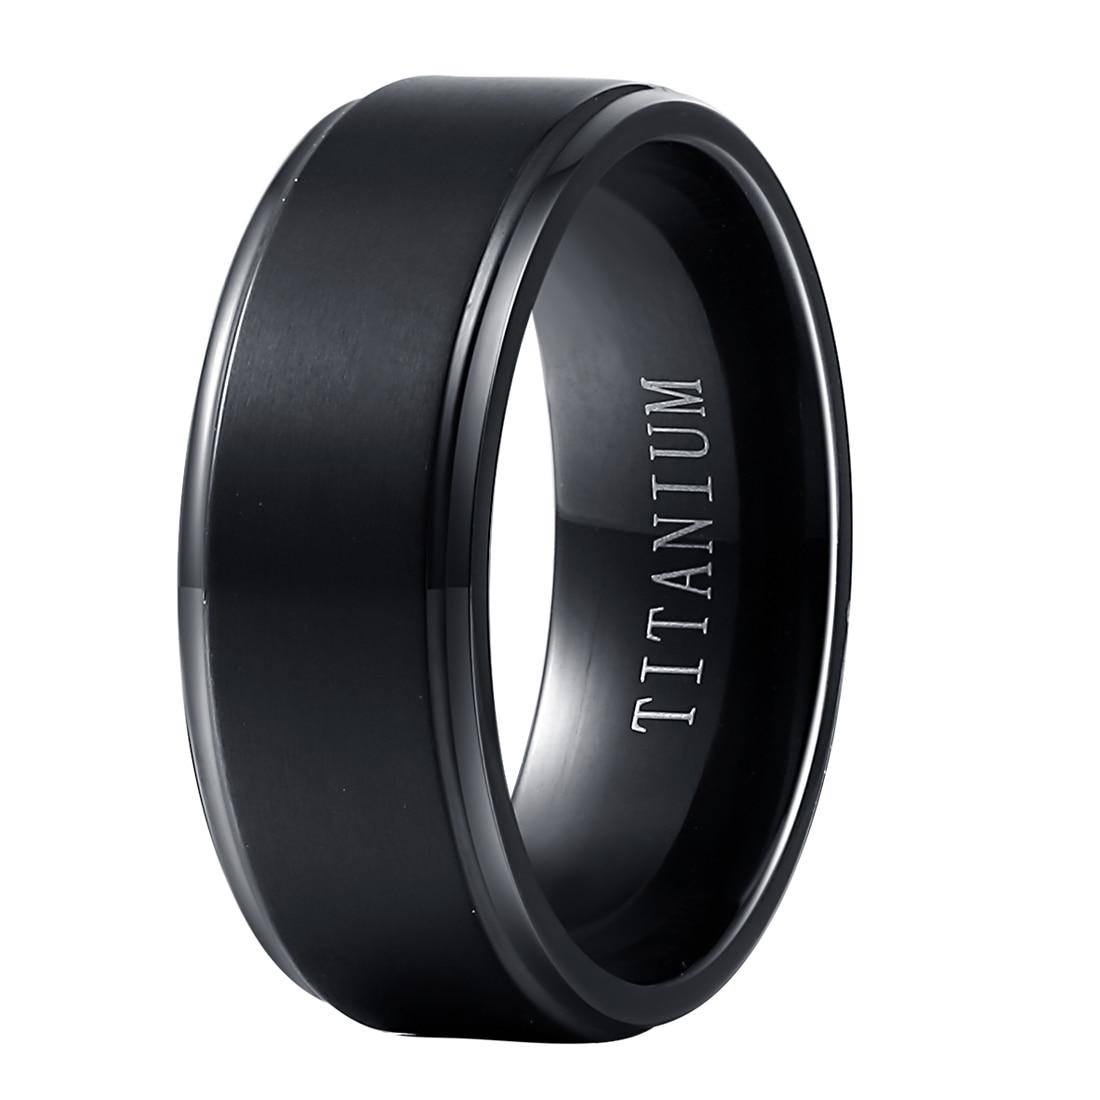 Wholesale Black Pure Titanium Rings For Men Women 8mm Wide